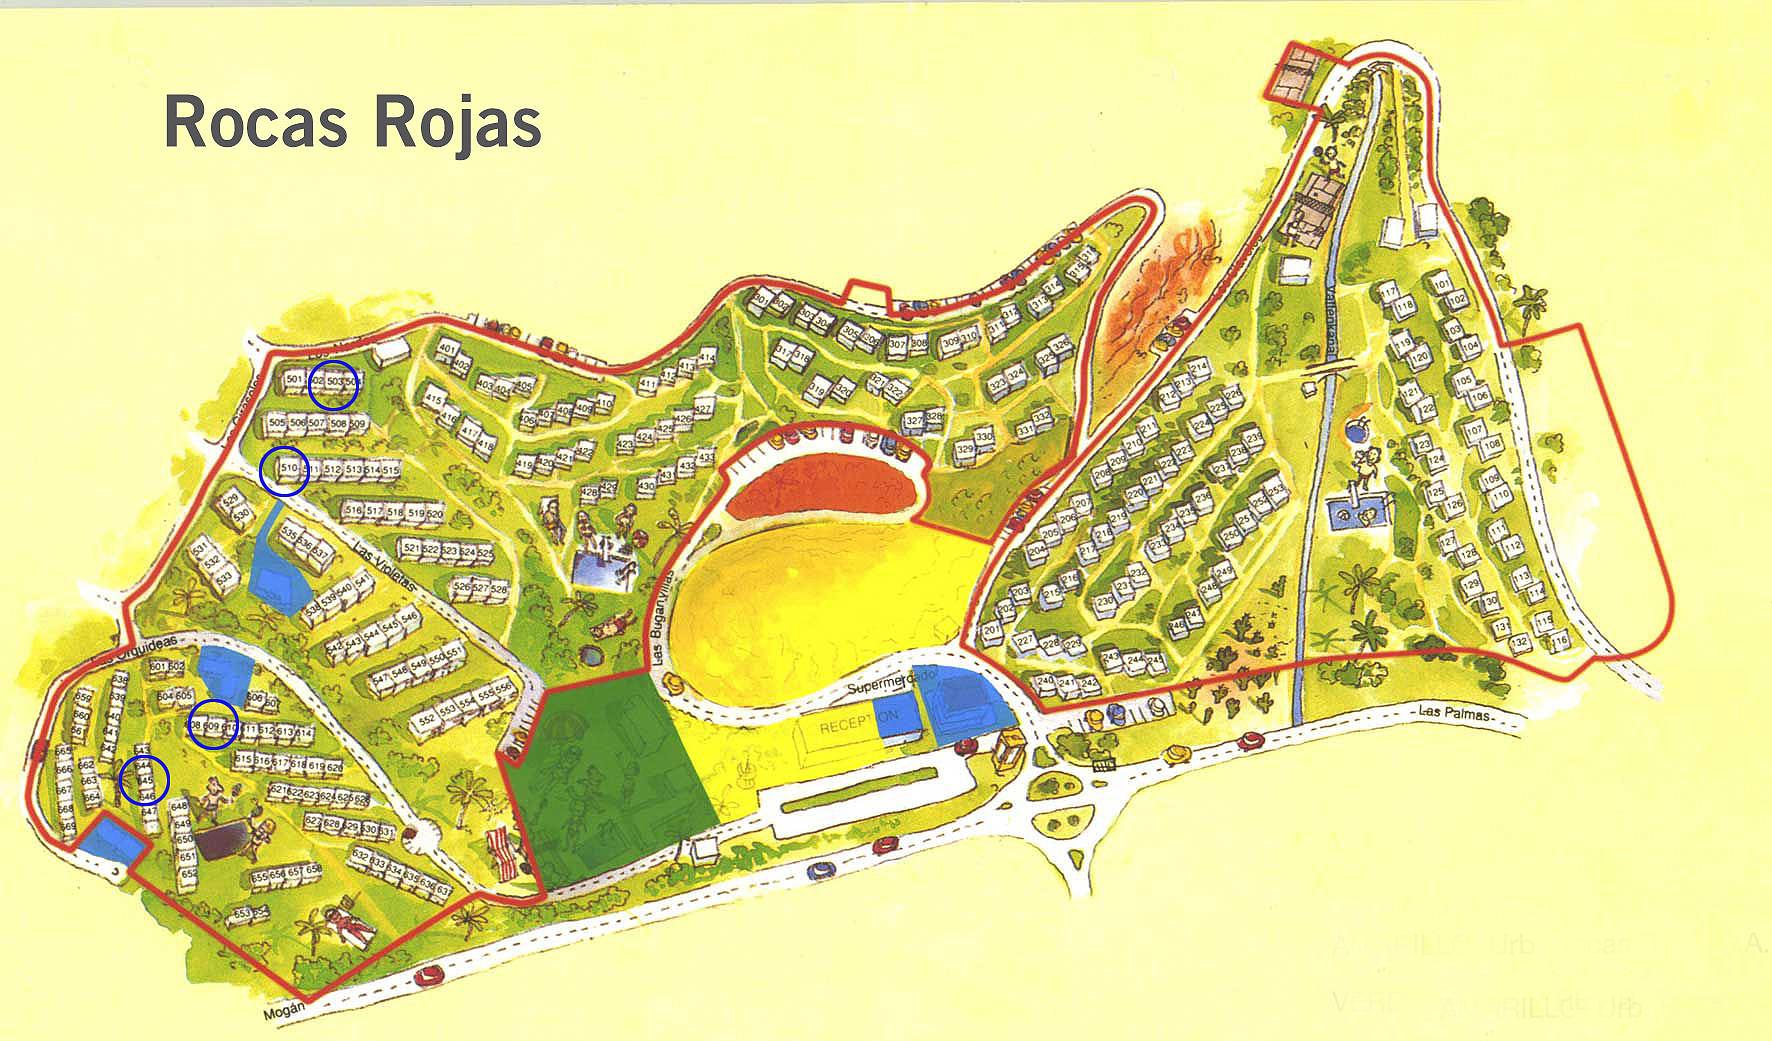 kanarieöarna san agustin karta Lägenheter på Gran Canaria   Sveriges läkarförbund kanarieöarna san agustin karta